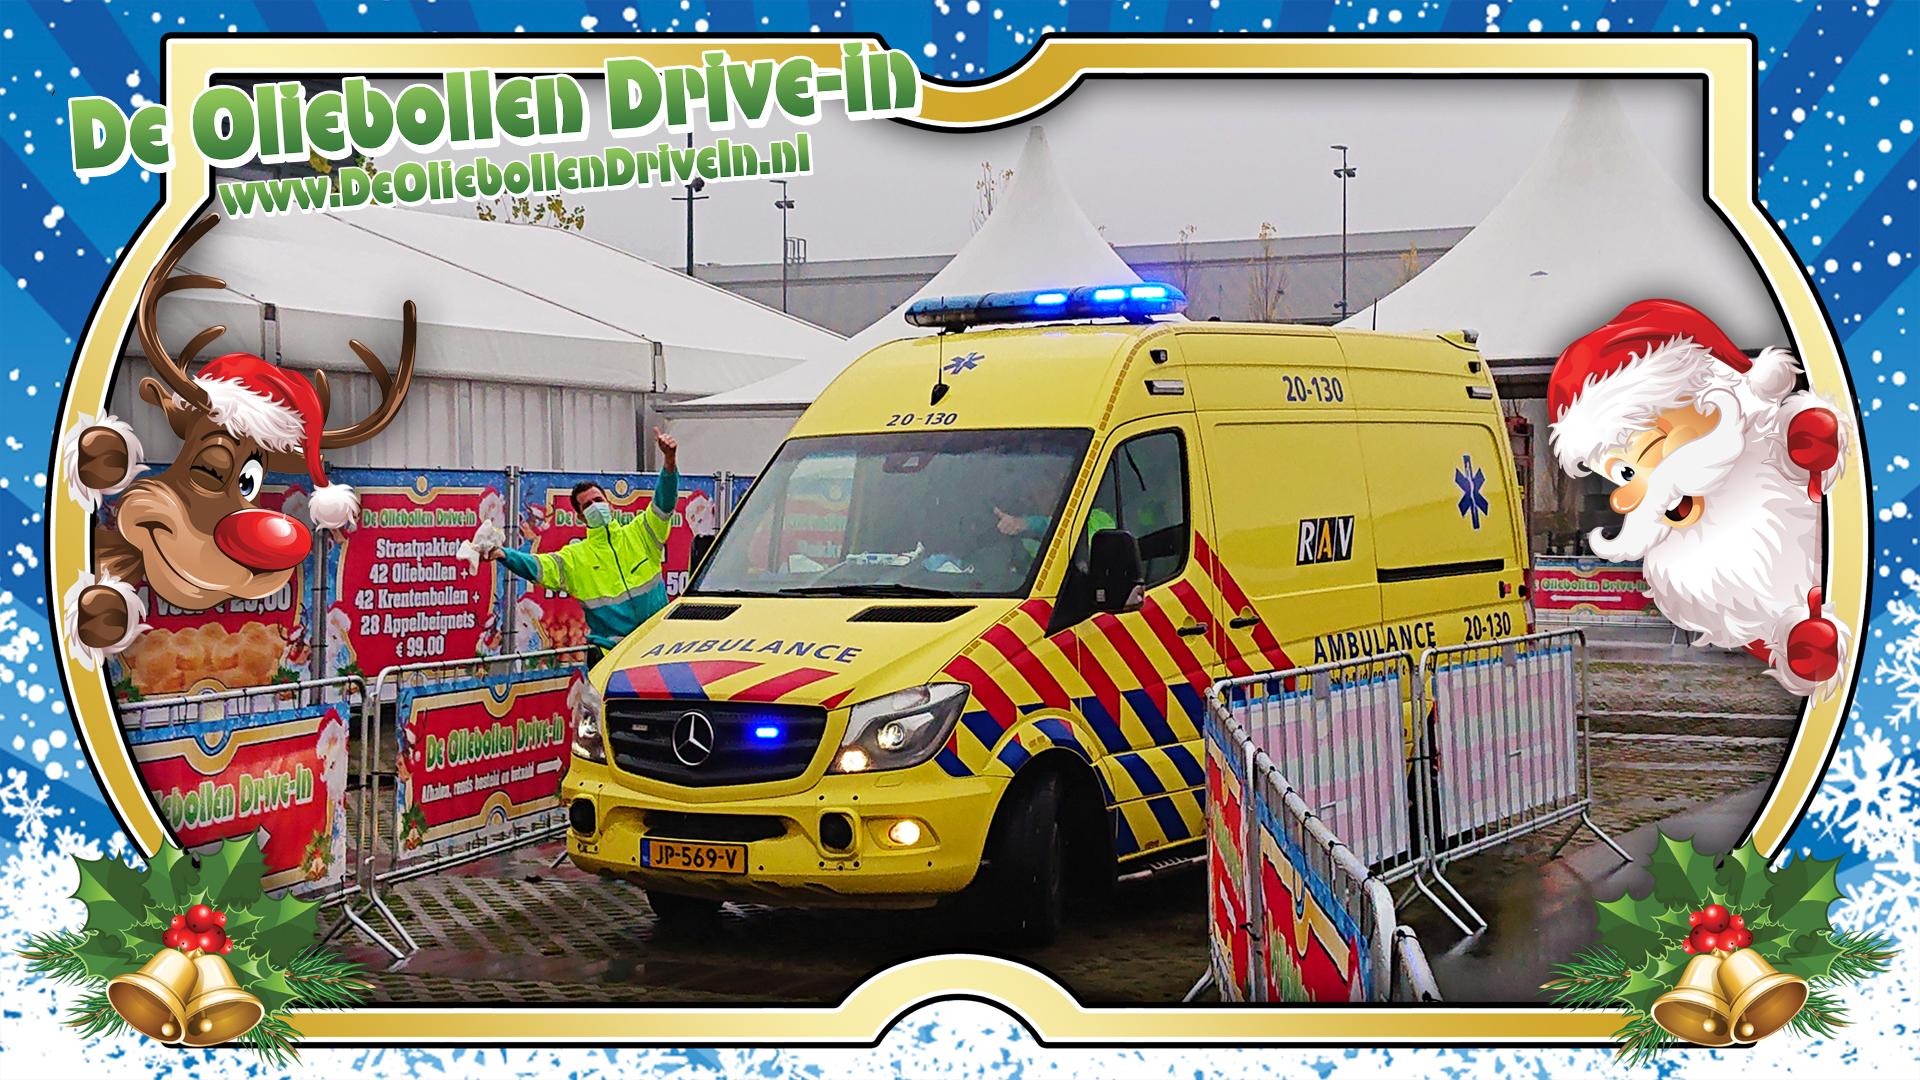 De Oliebollen Drive-in Breda